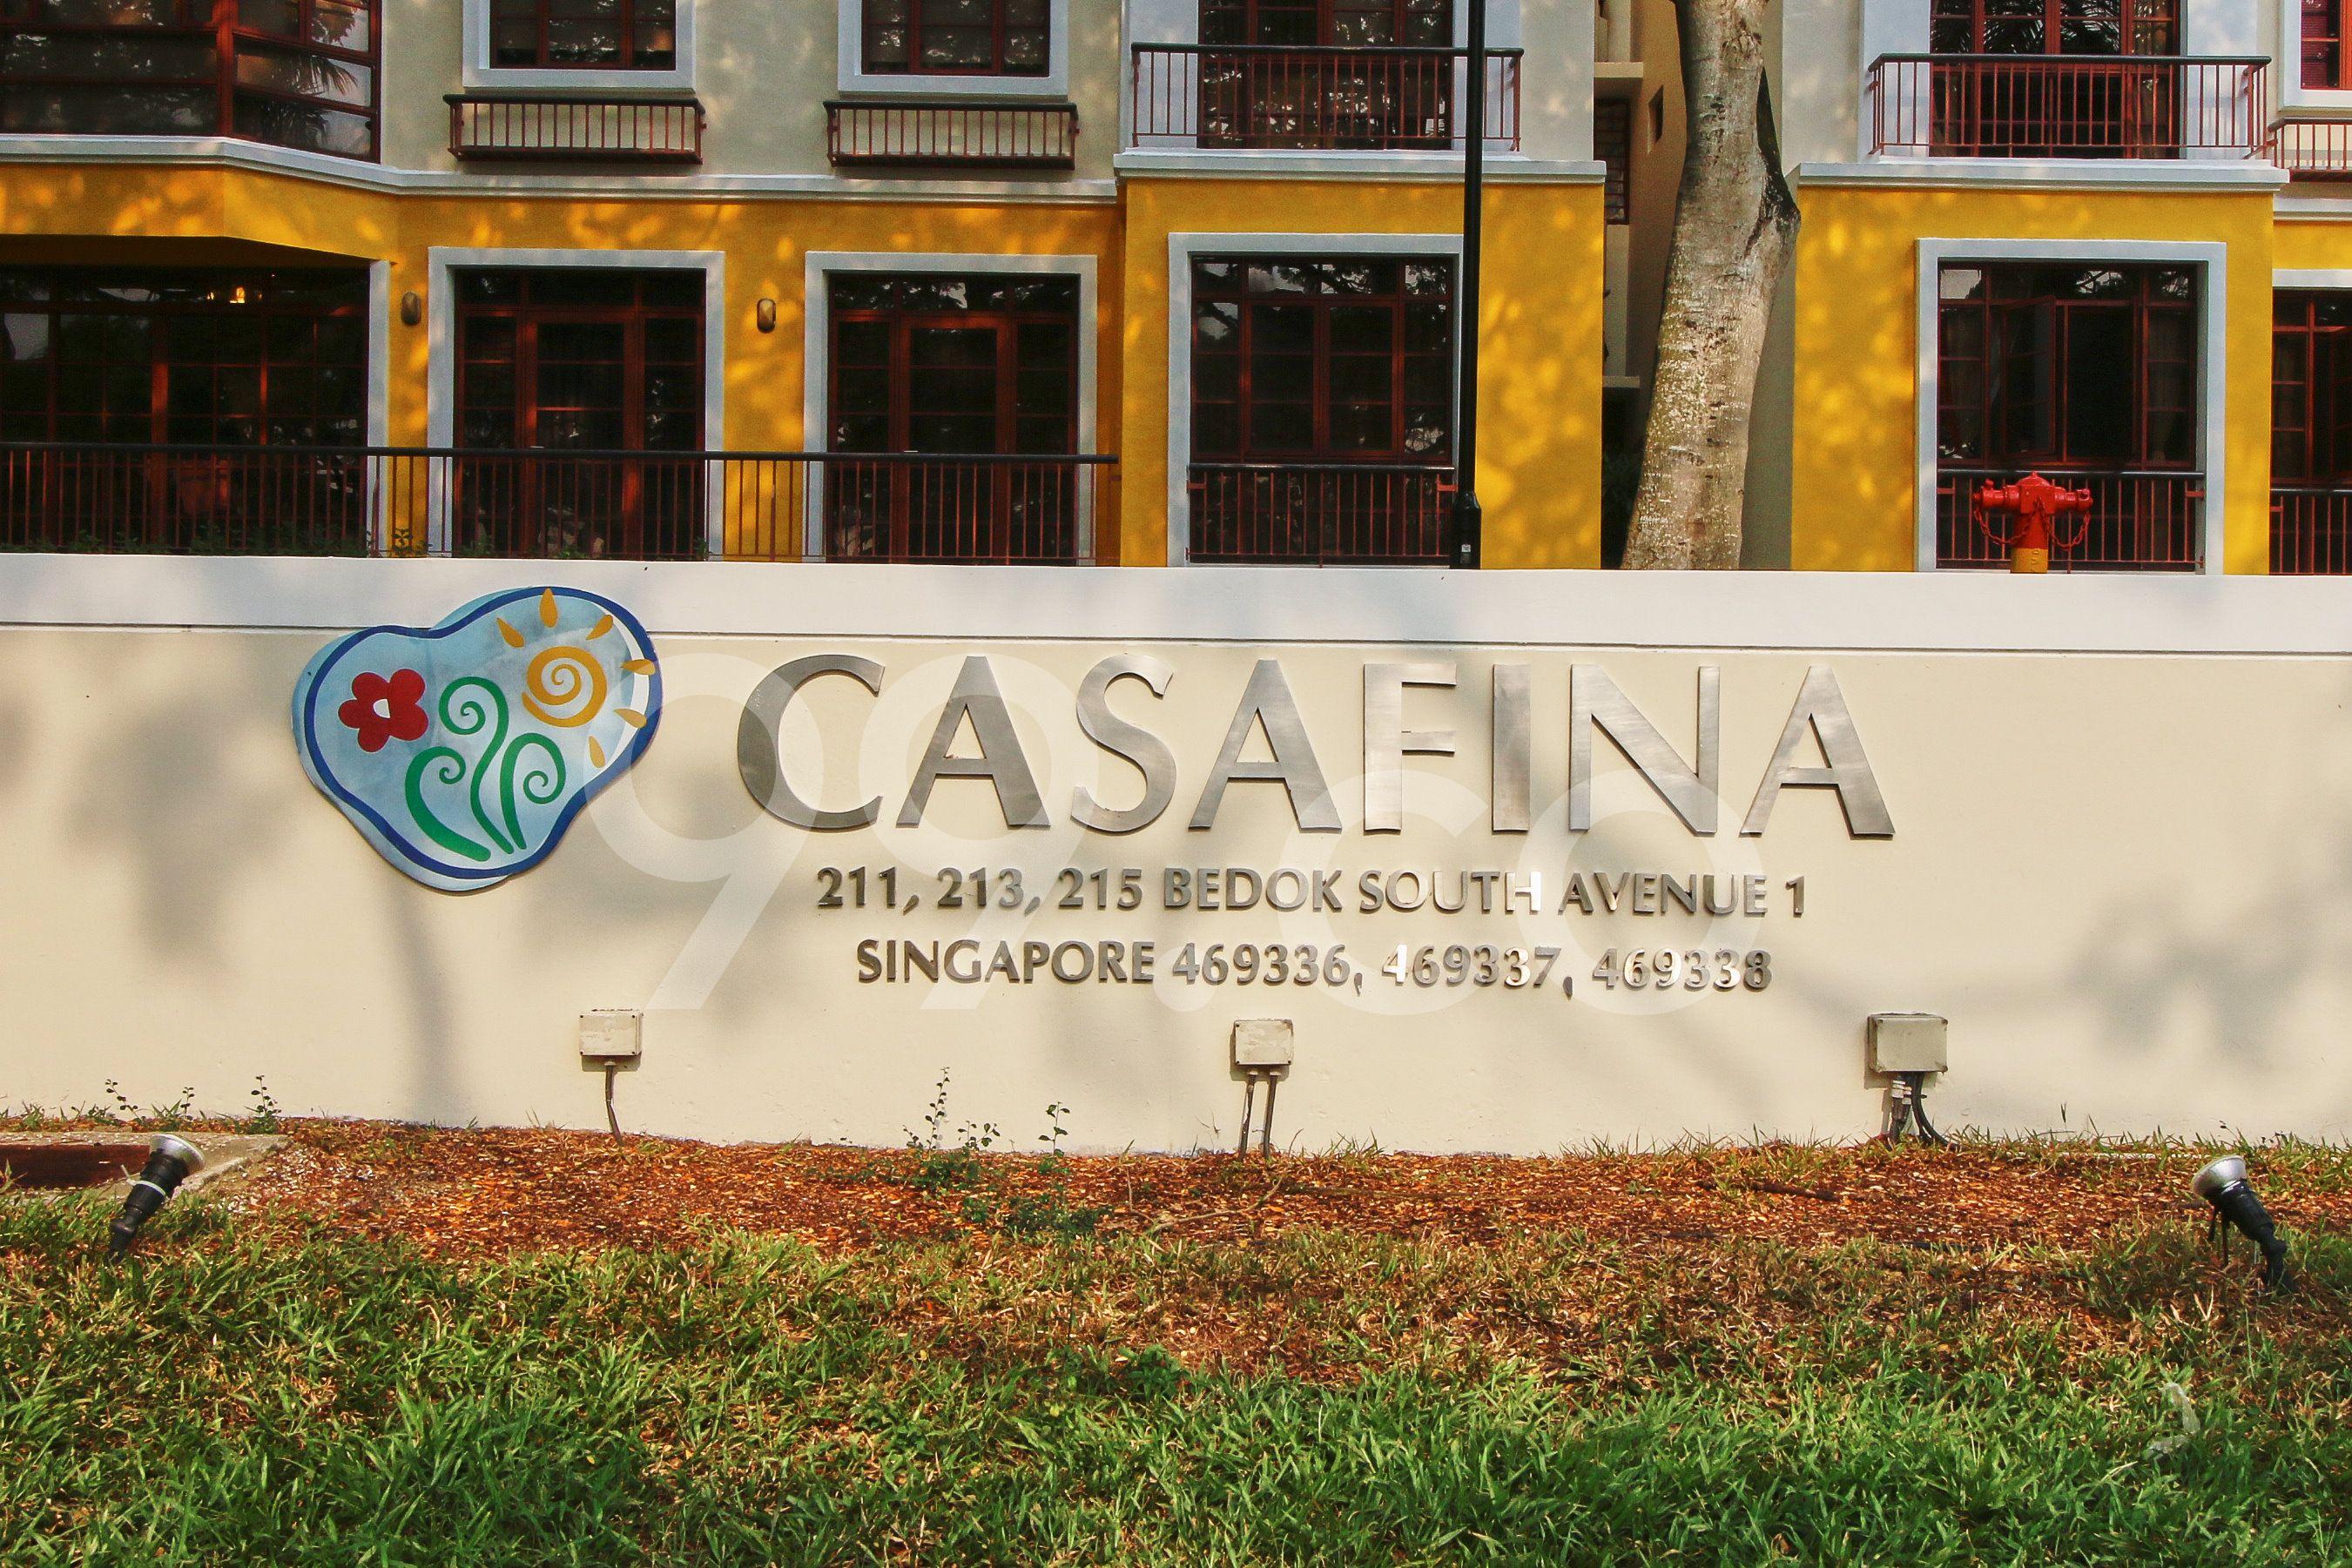 Casafina Condo Prices Reviews Property 99 Co